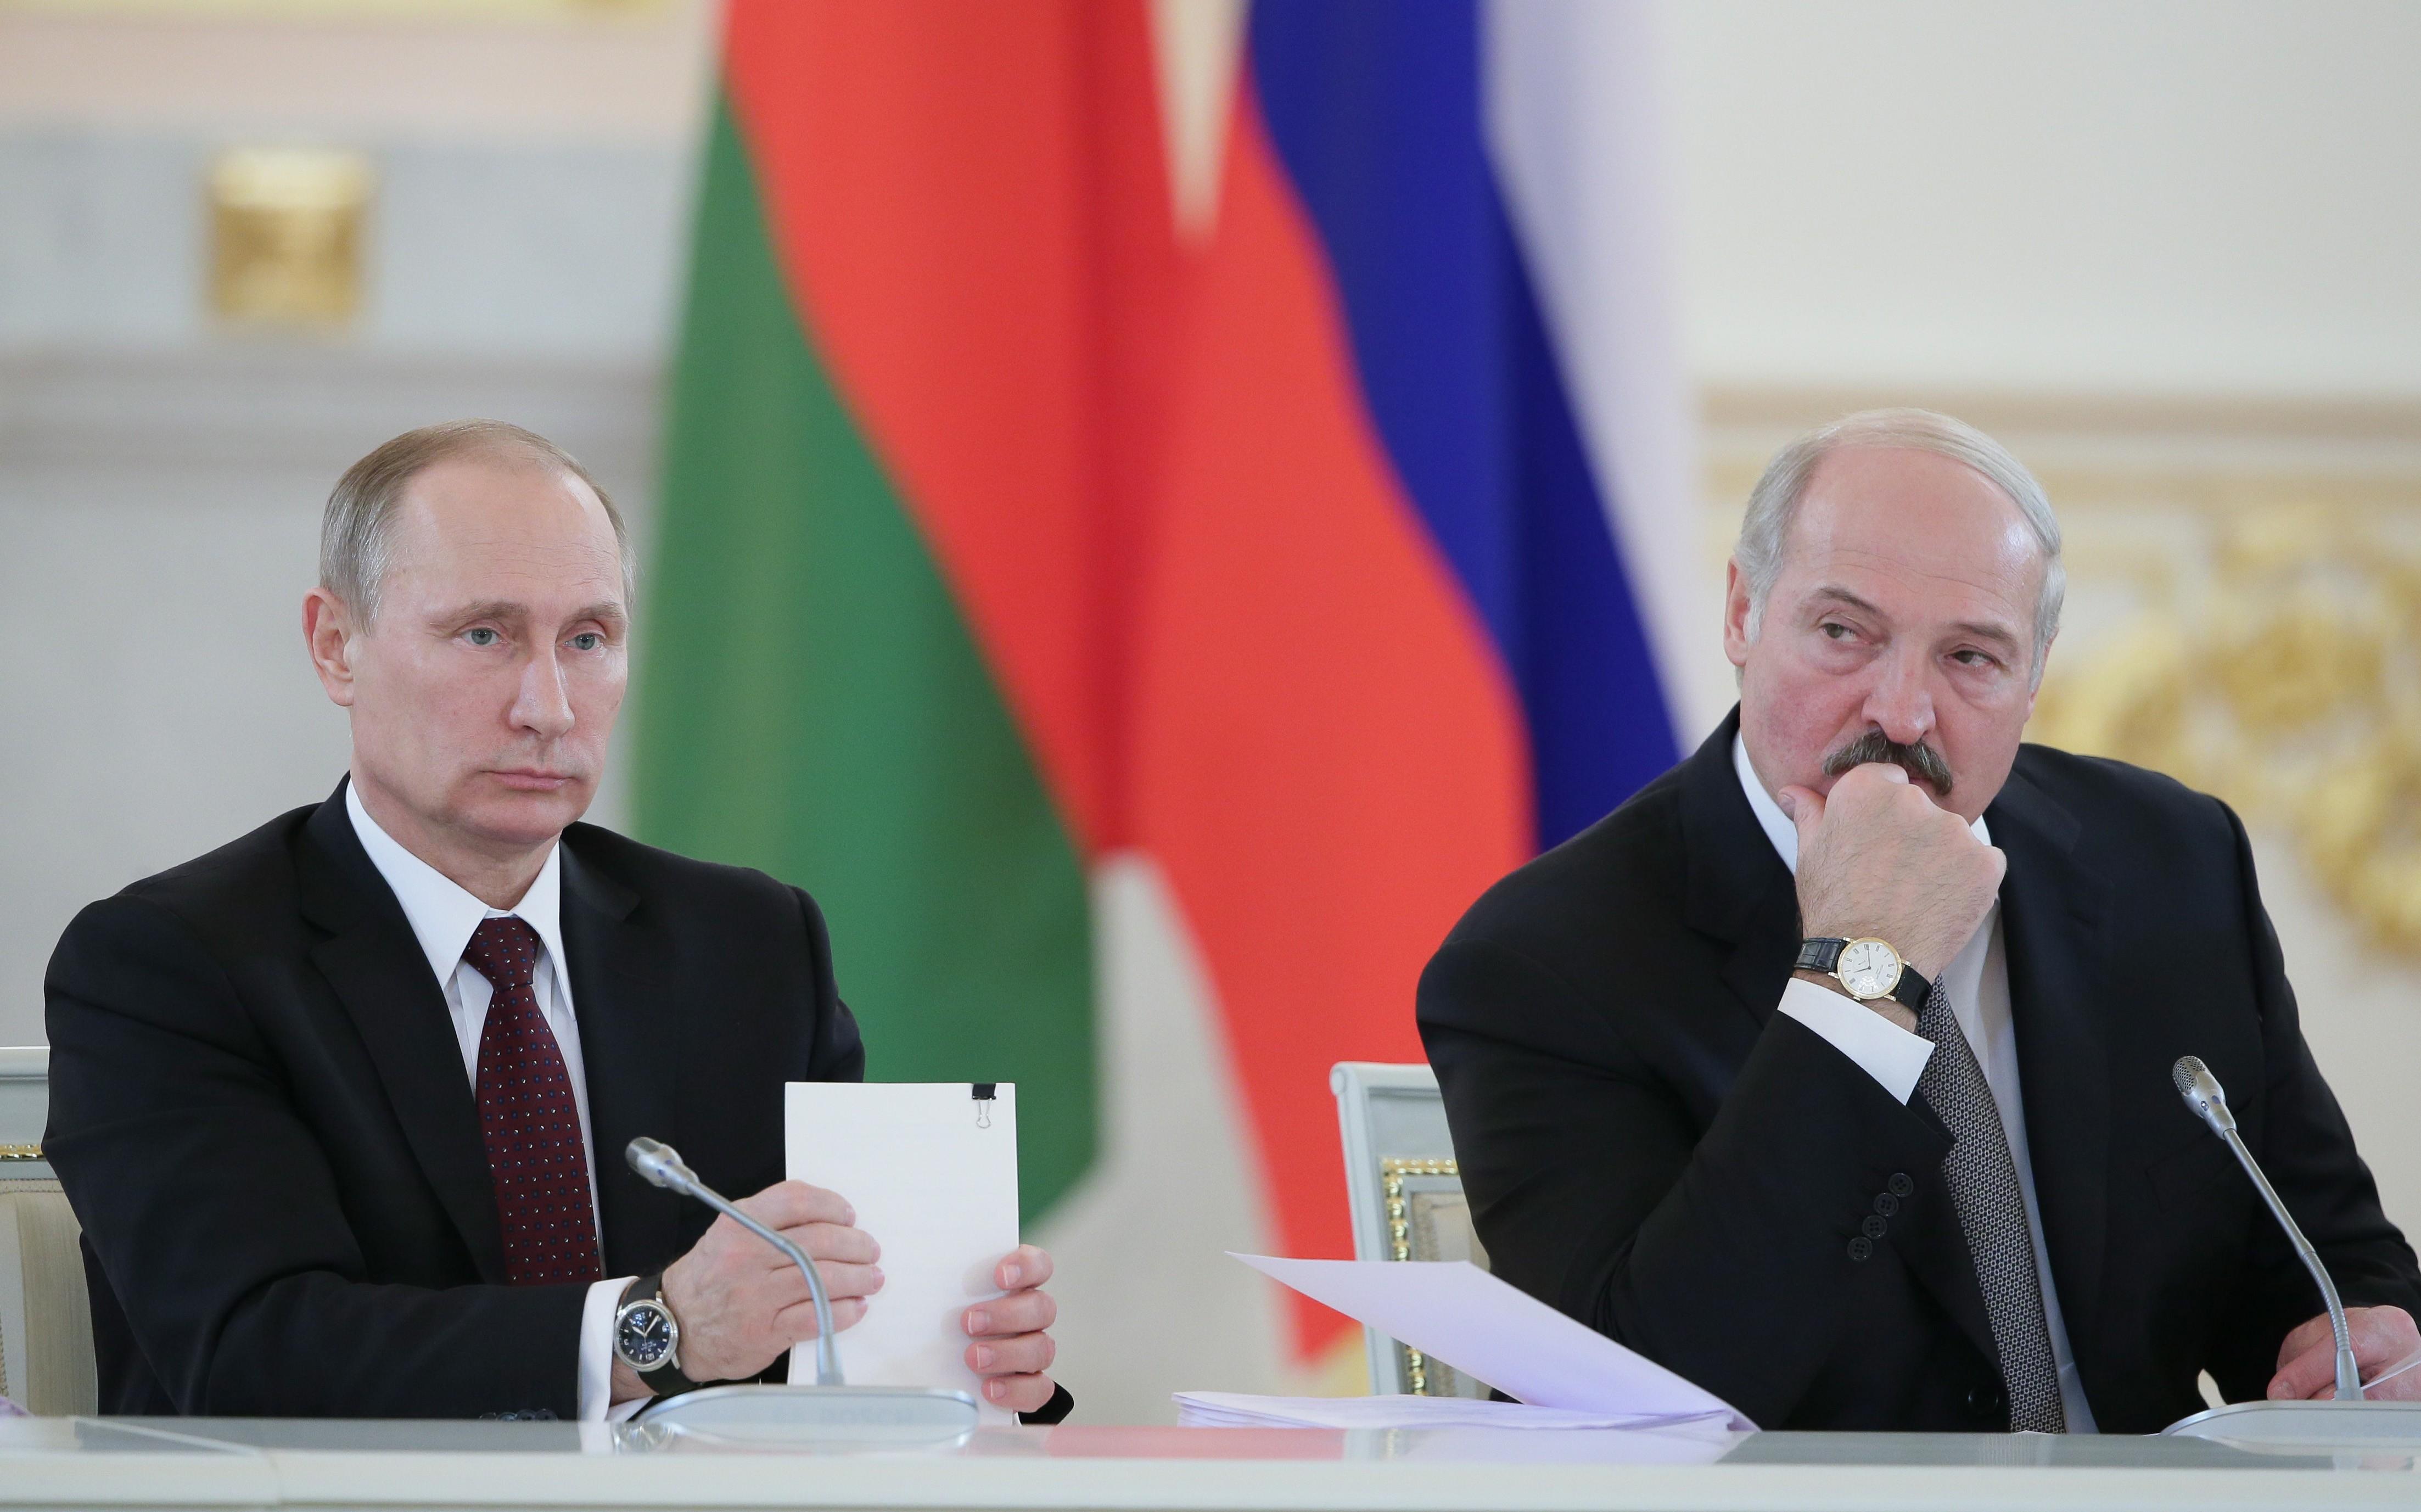 Грибаускайте: Путин непустил Лукашенко насаммит вБрюссель